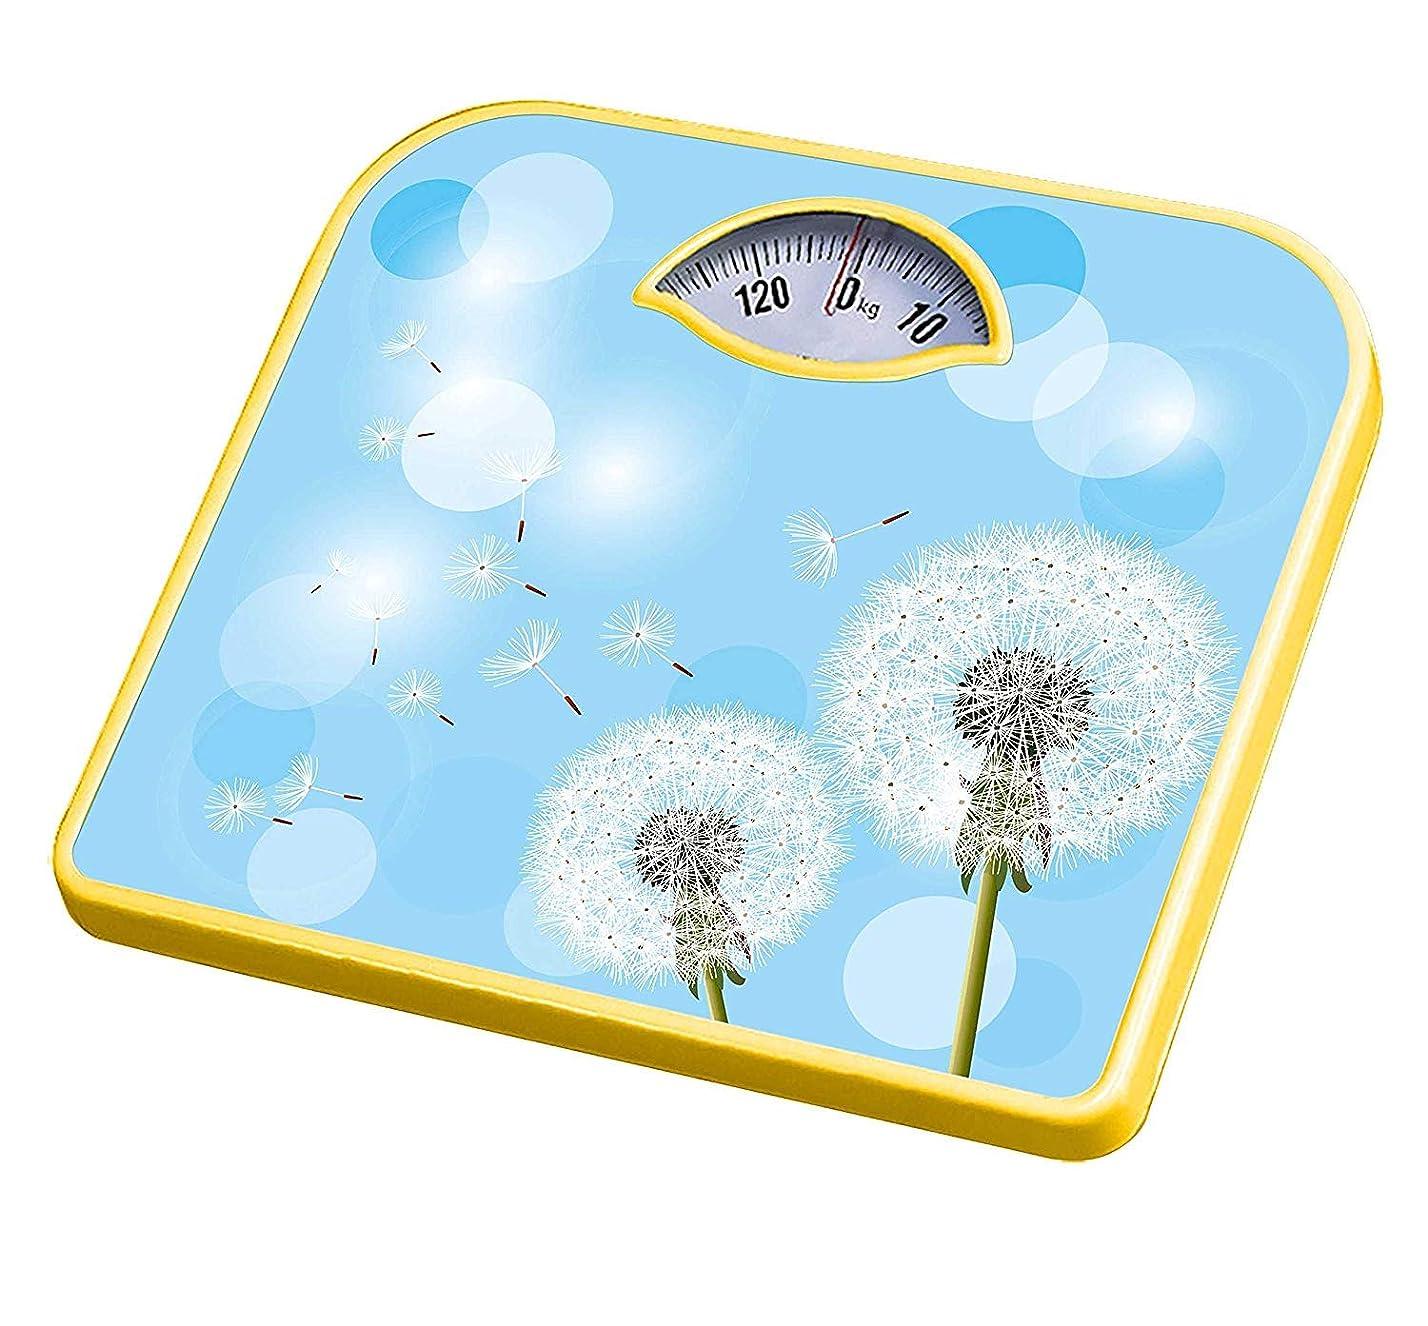 受取人オセアニアシットコム電子体重計浴室家庭用体重計健康スケール家庭用機械スケールポインタースケール243 * 268 * 42 mm,A